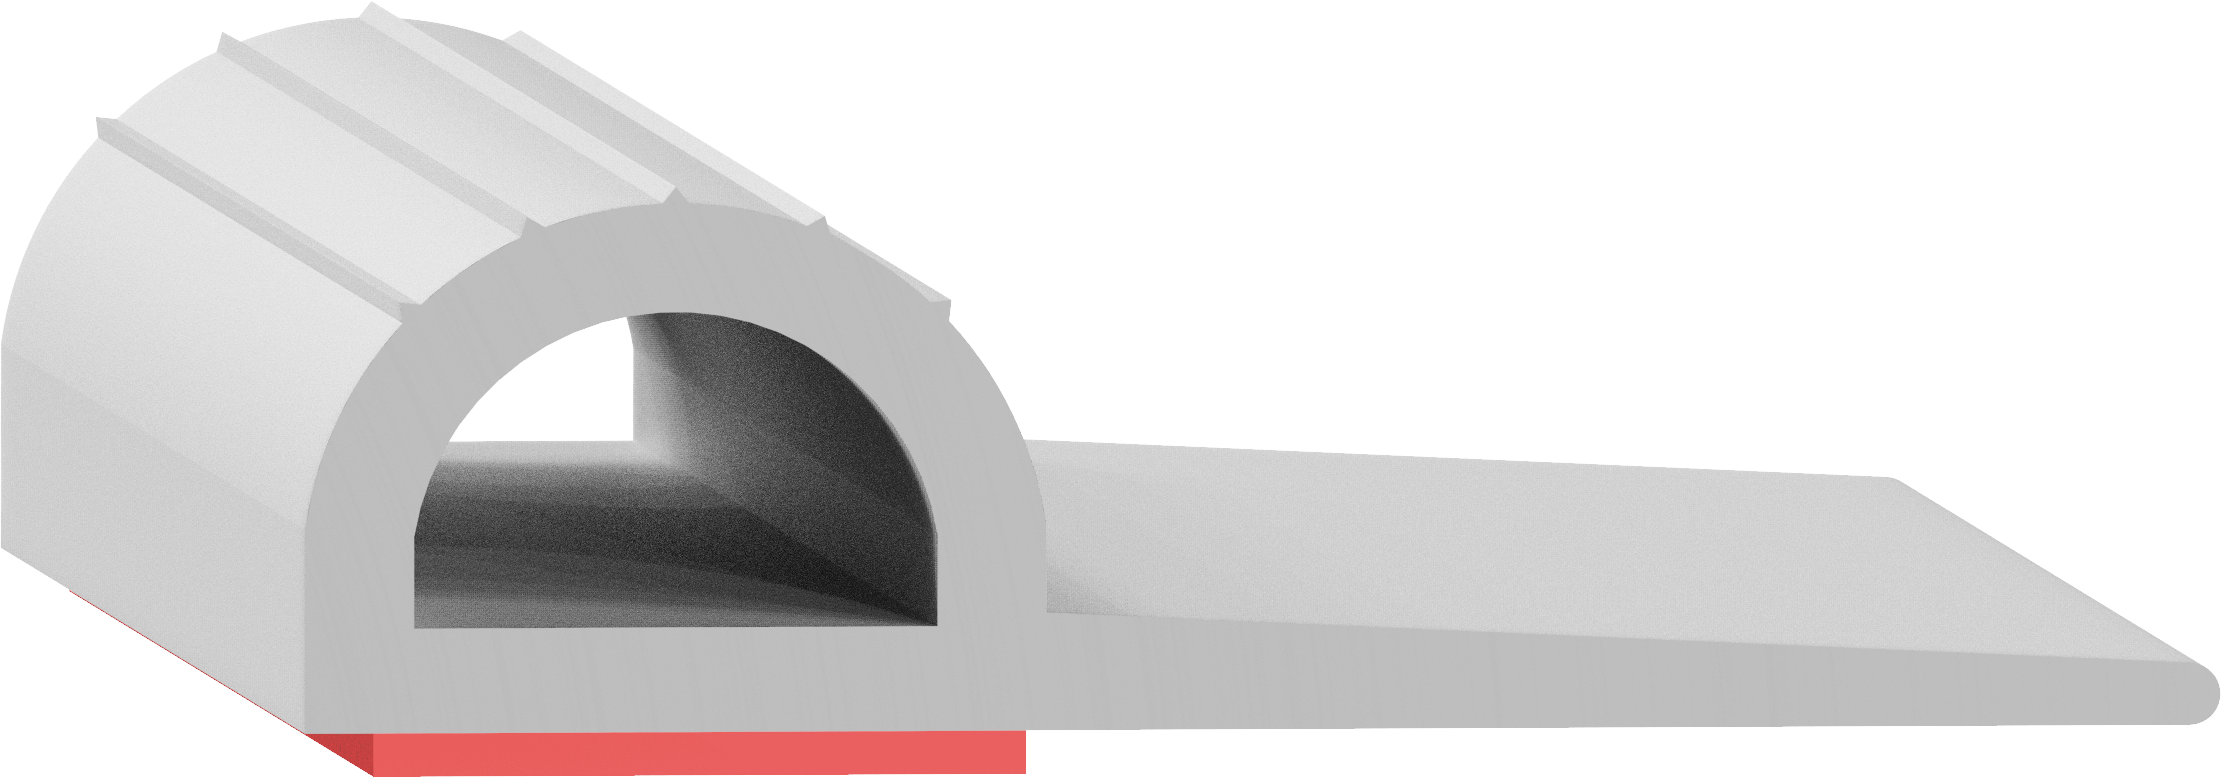 Uni-Grip part: SD-269-T-W